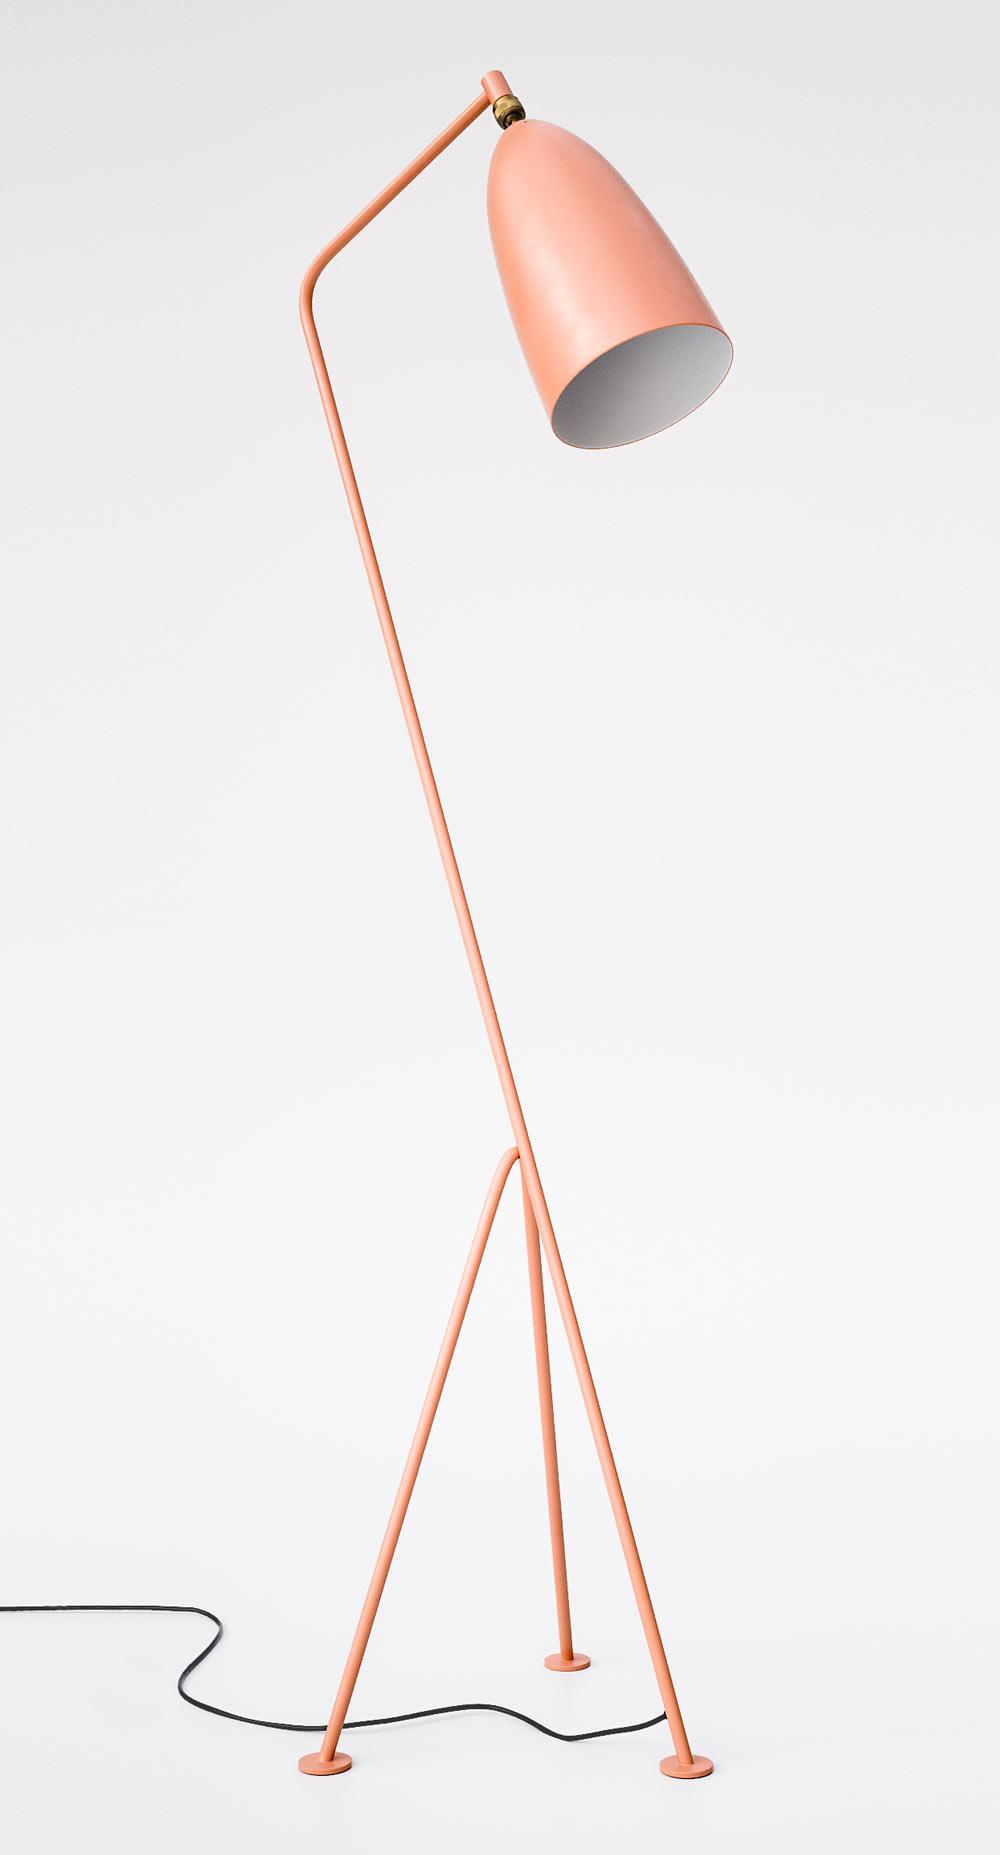 lamp-01_full